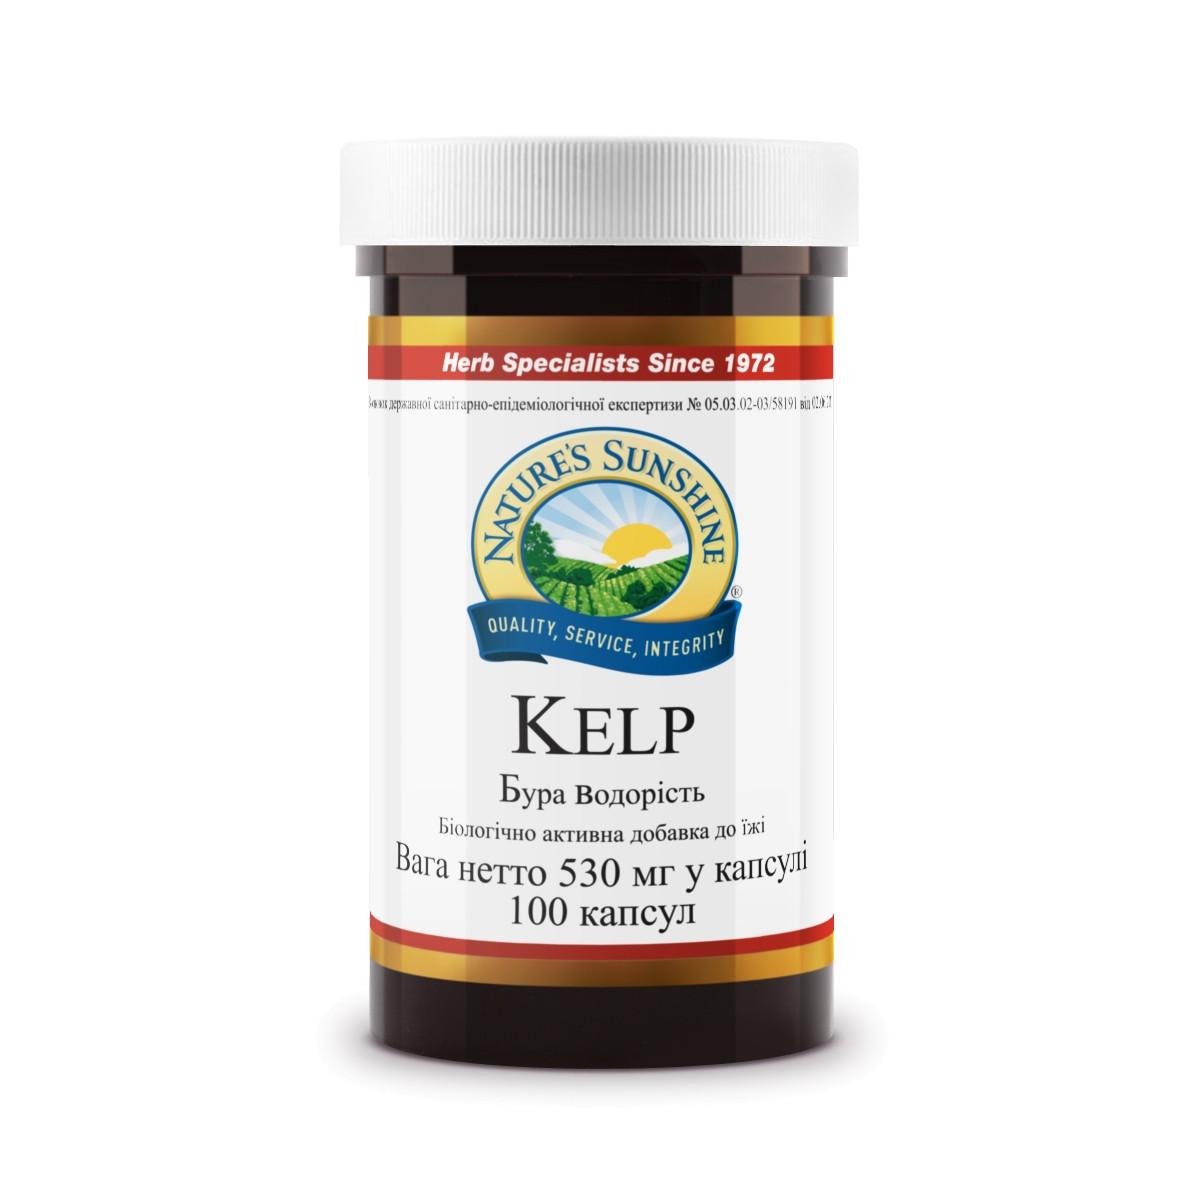 KELP.  Келп бурая водоросль бад НСП. растительный йод для беременных, пищевая добавка йод, детям,